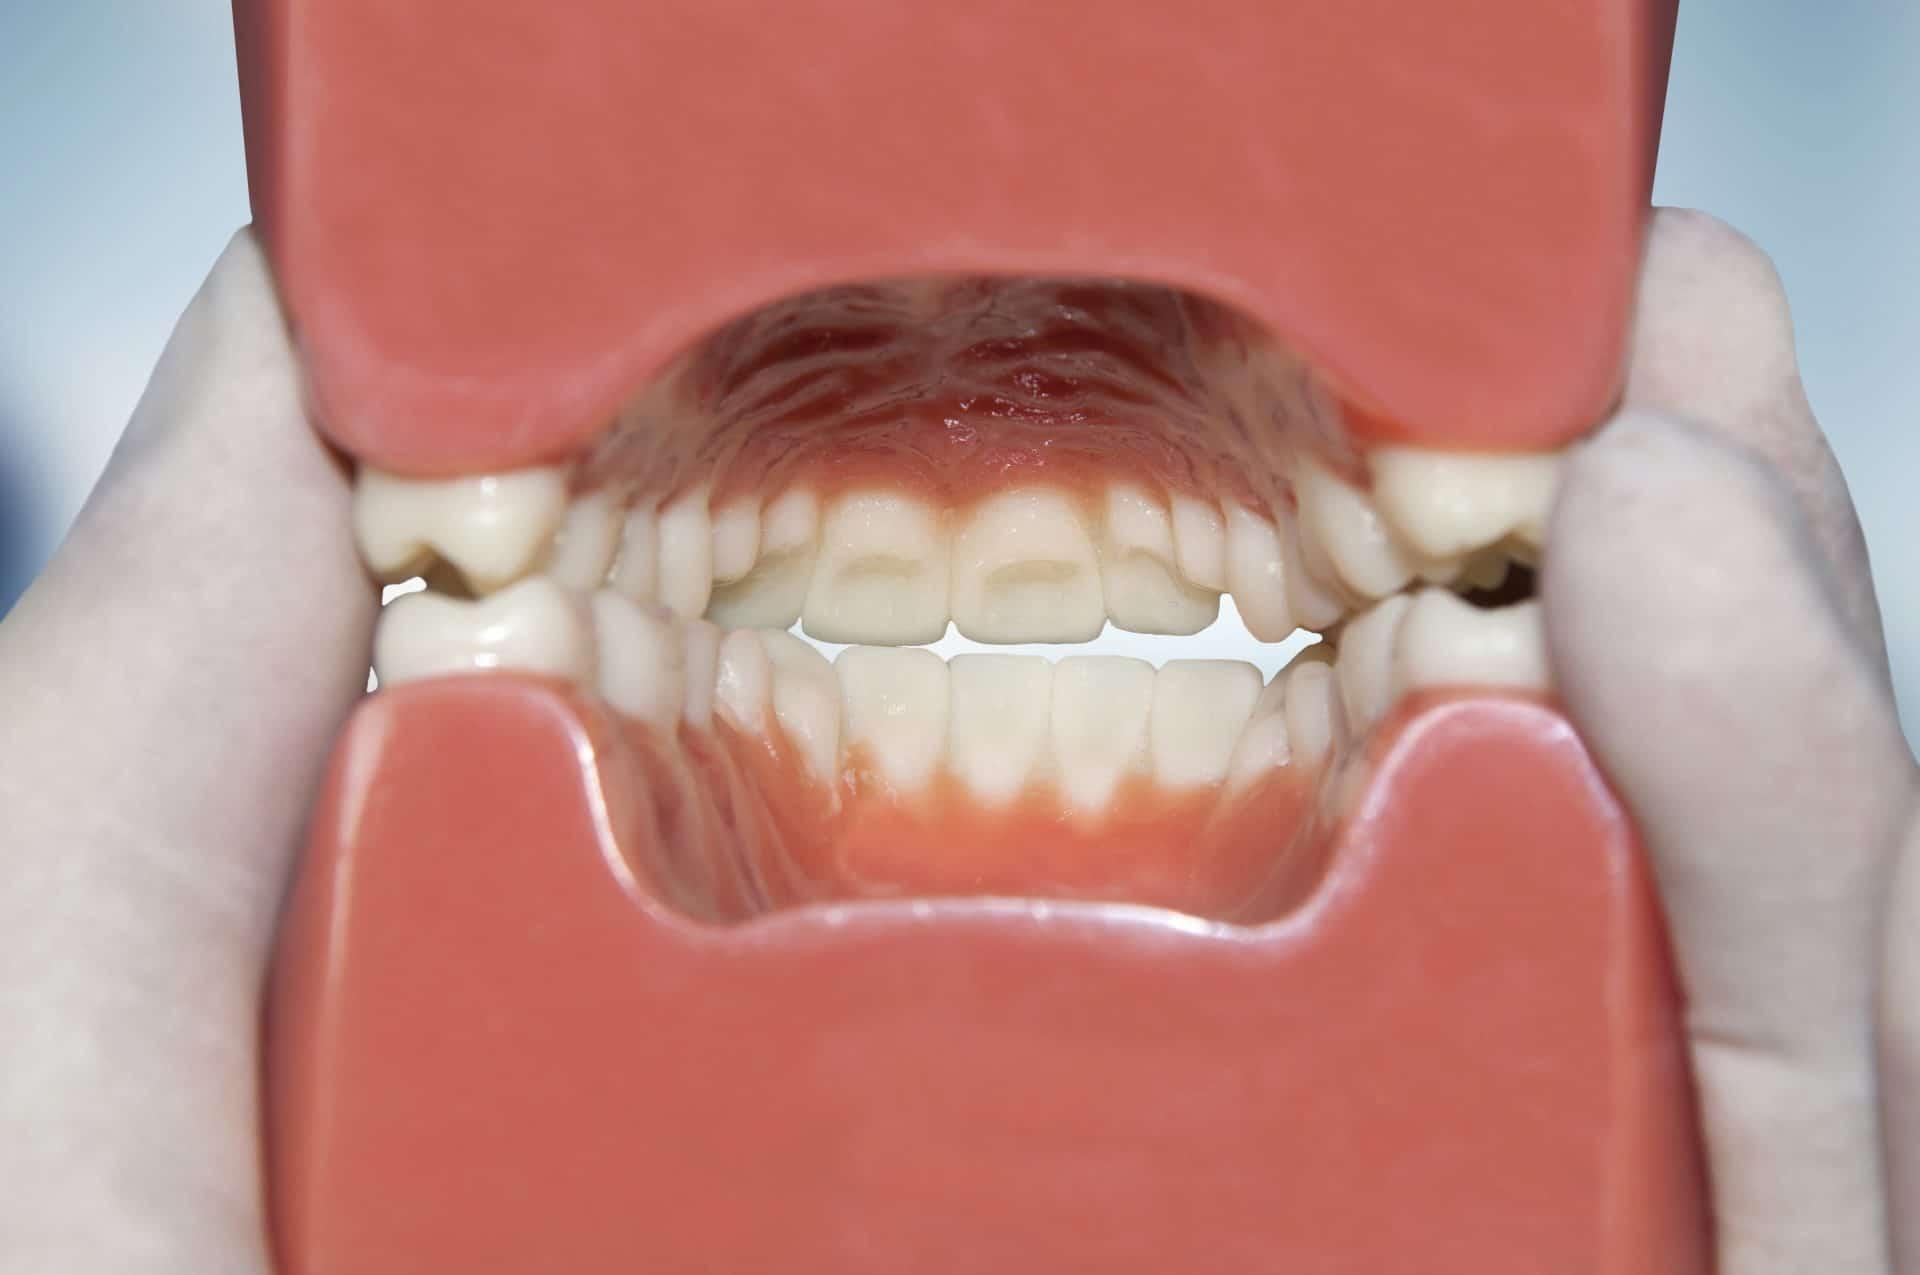 modele-de-dents-mauvaise-occlusion